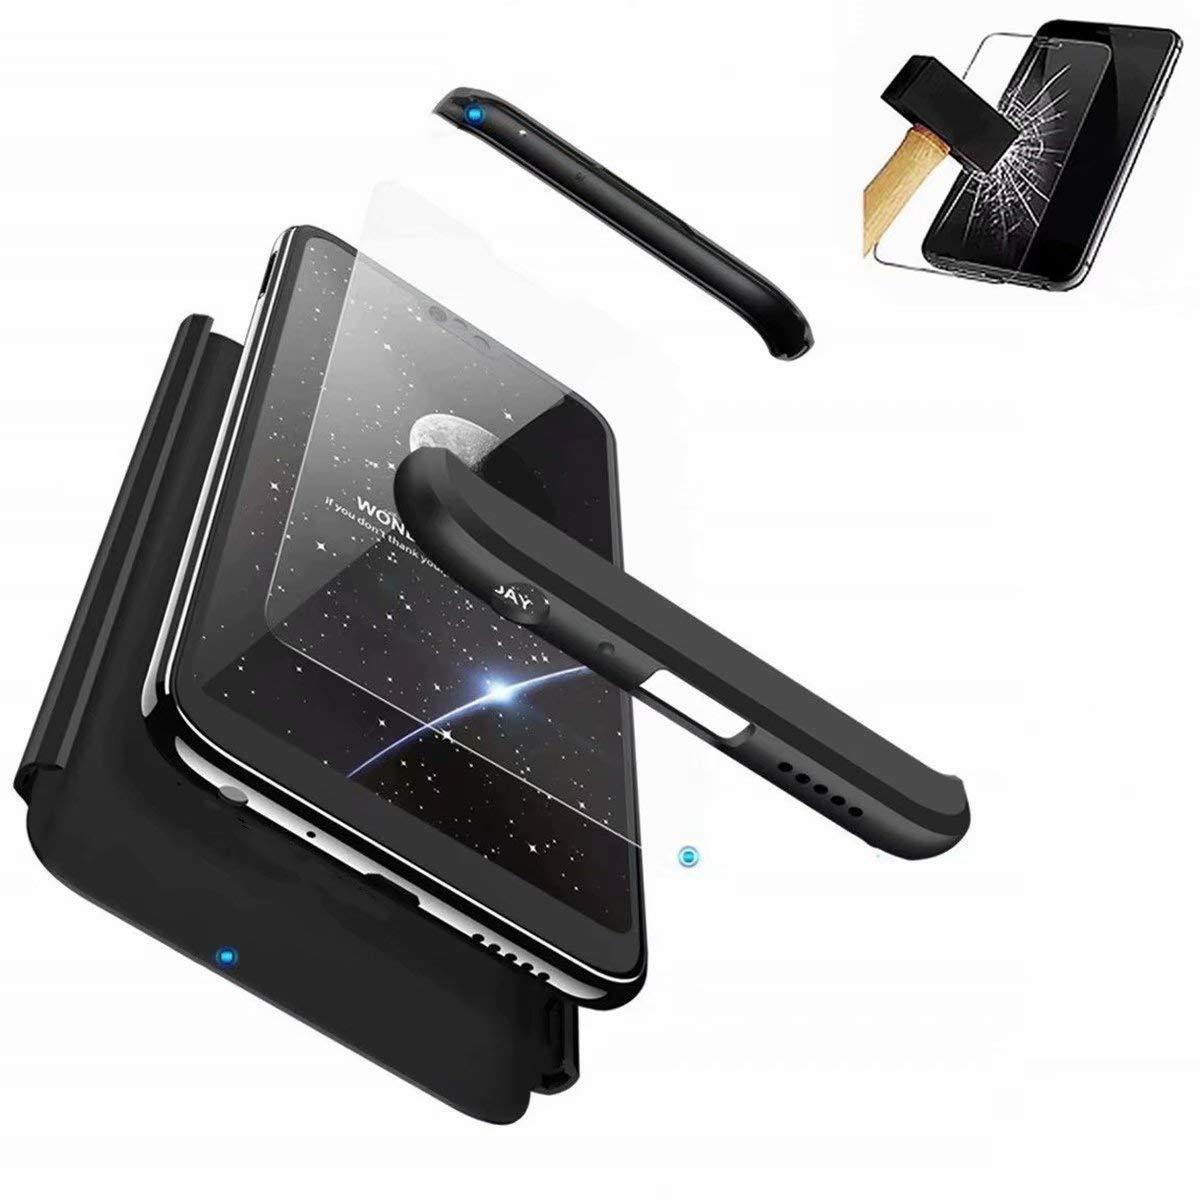 Anti-rasgu/ños Carcasa para Samsung Galaxy S9 Cristal Templado Plus Negro TXLING Funda Samsung Galaxy S9 Ligera Plus Bumper 3 en 1 Estructura 360 Grados Case Ultra-Delgado